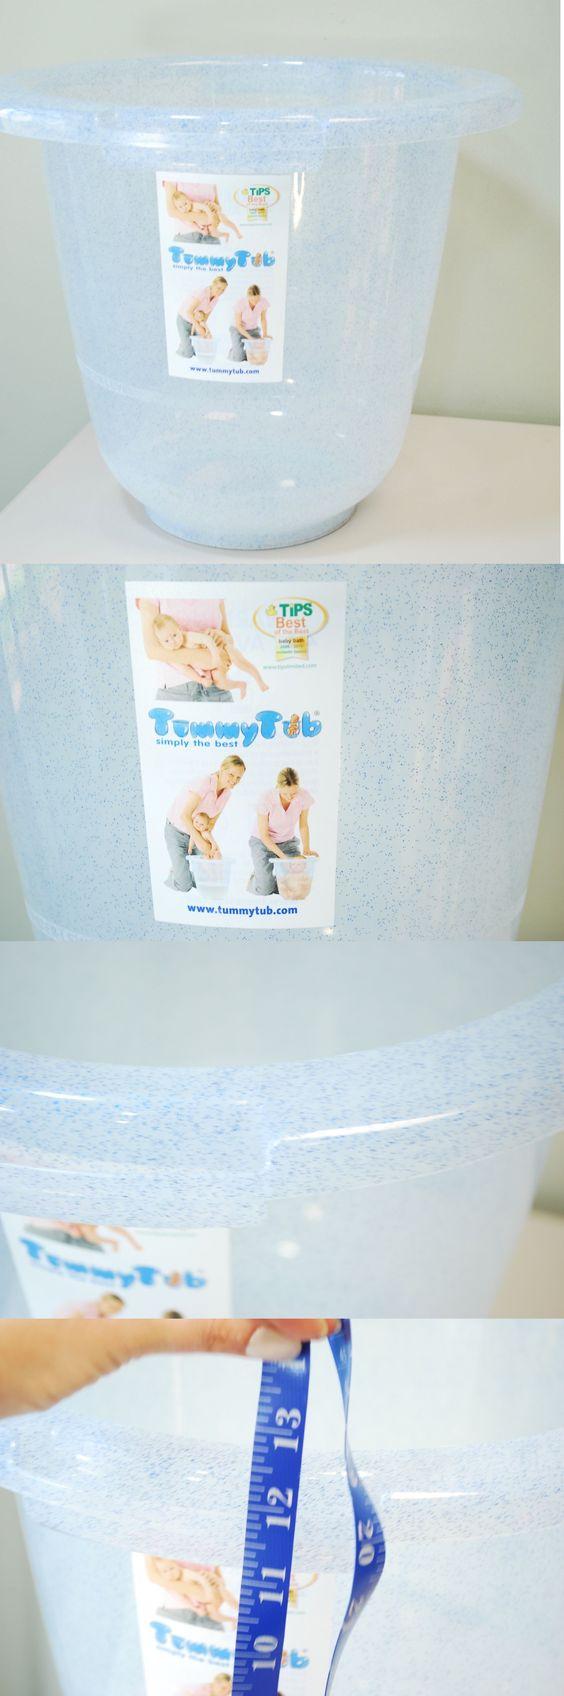 Bath Tubs 113814: Original Tummy Tub Upright European Baby Bath ...